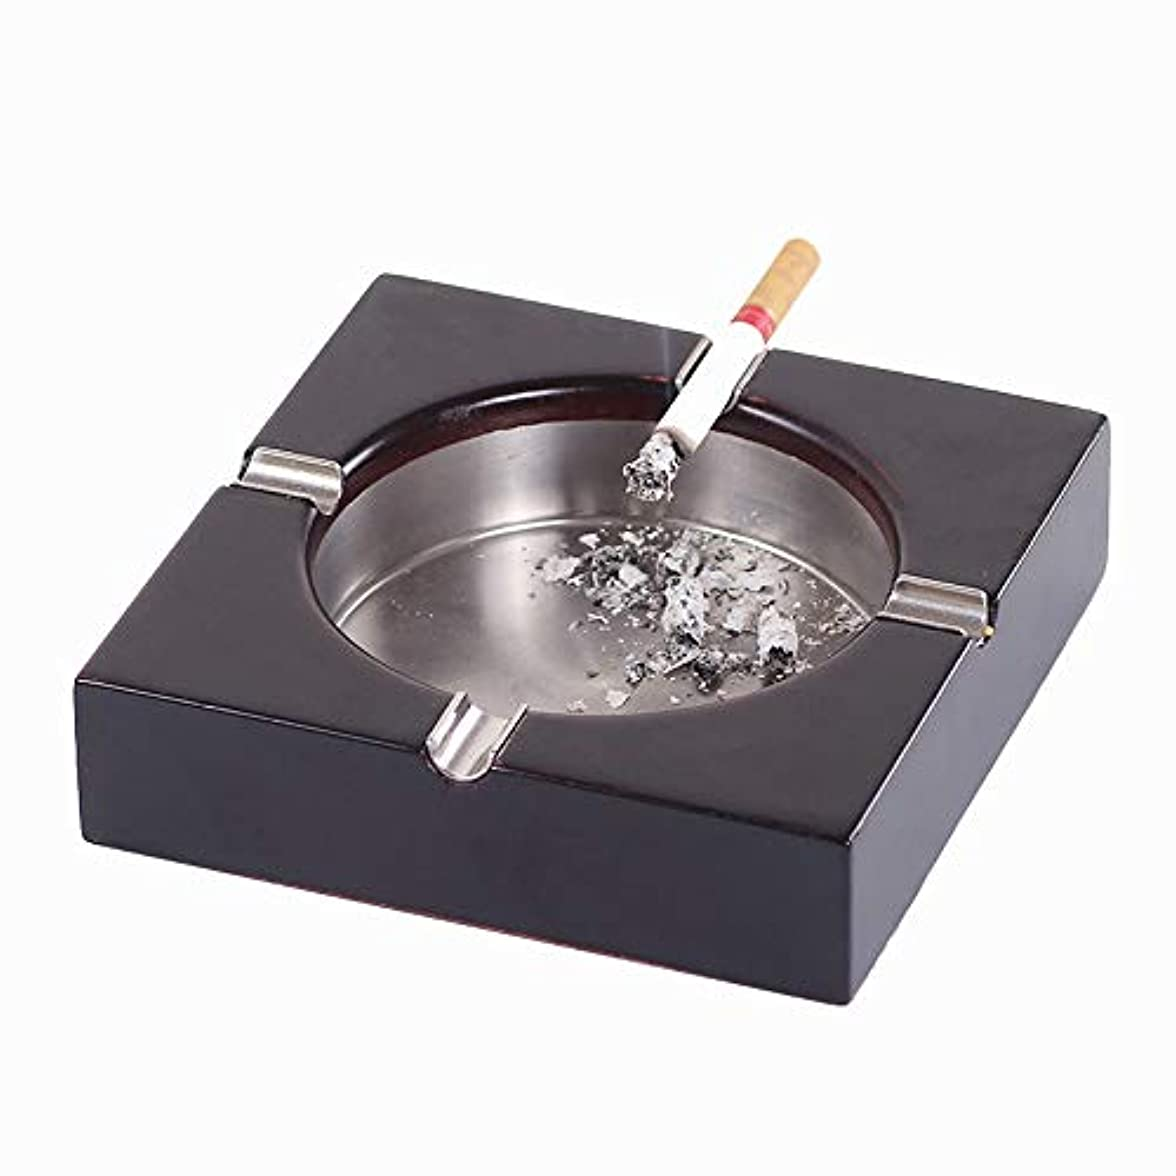 入場料リボン引き渡すふたの家の装飾とタバコの創造的な灰皿のための灰皿 (Size : M)